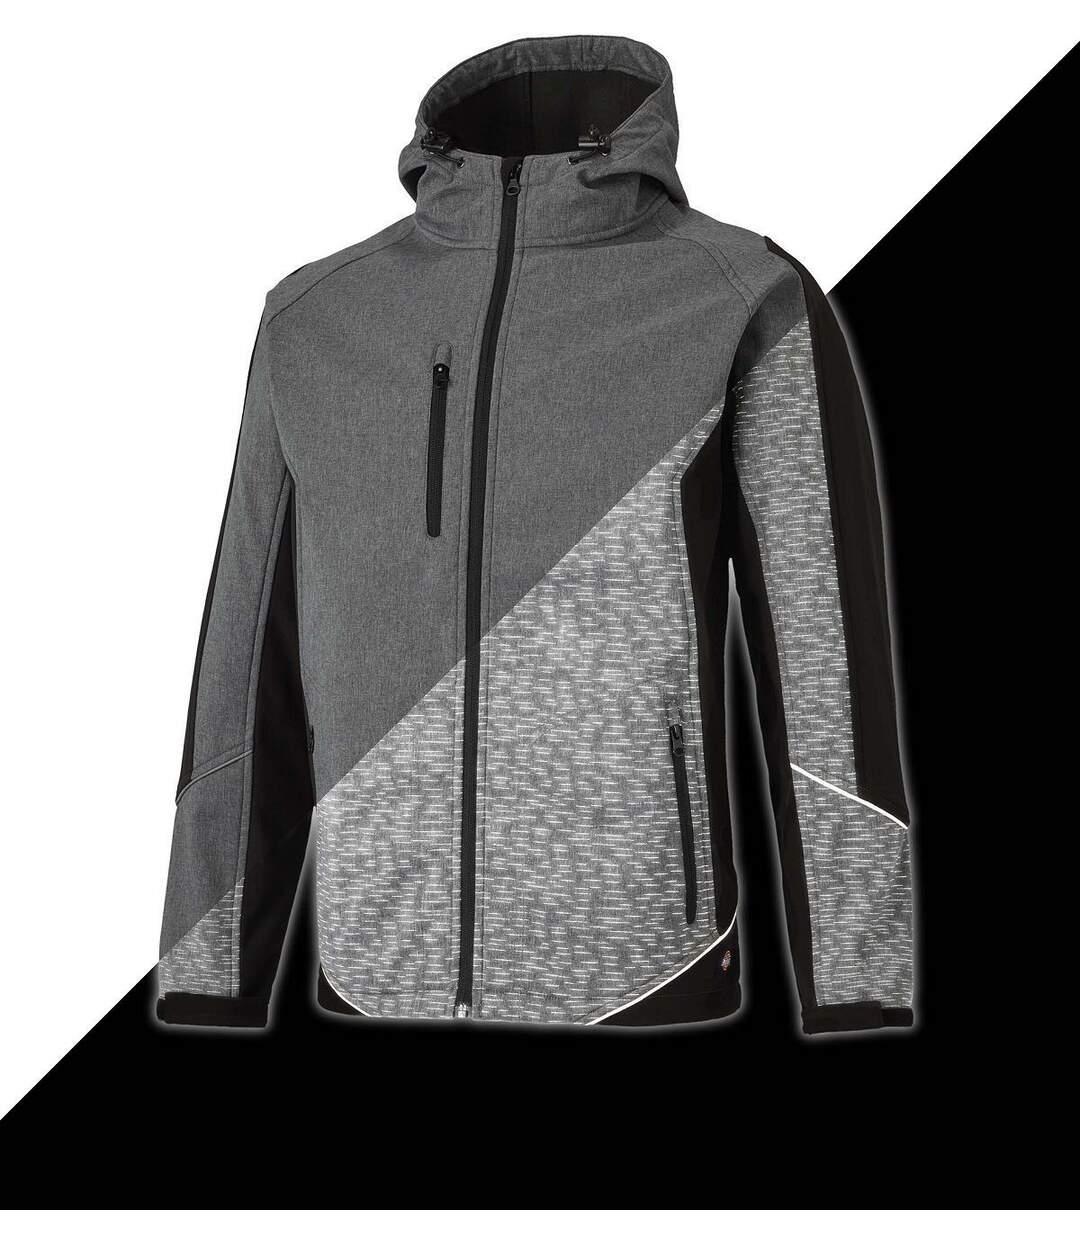 Veste technique - Softshell réflective - DJW7017 - gris et noir